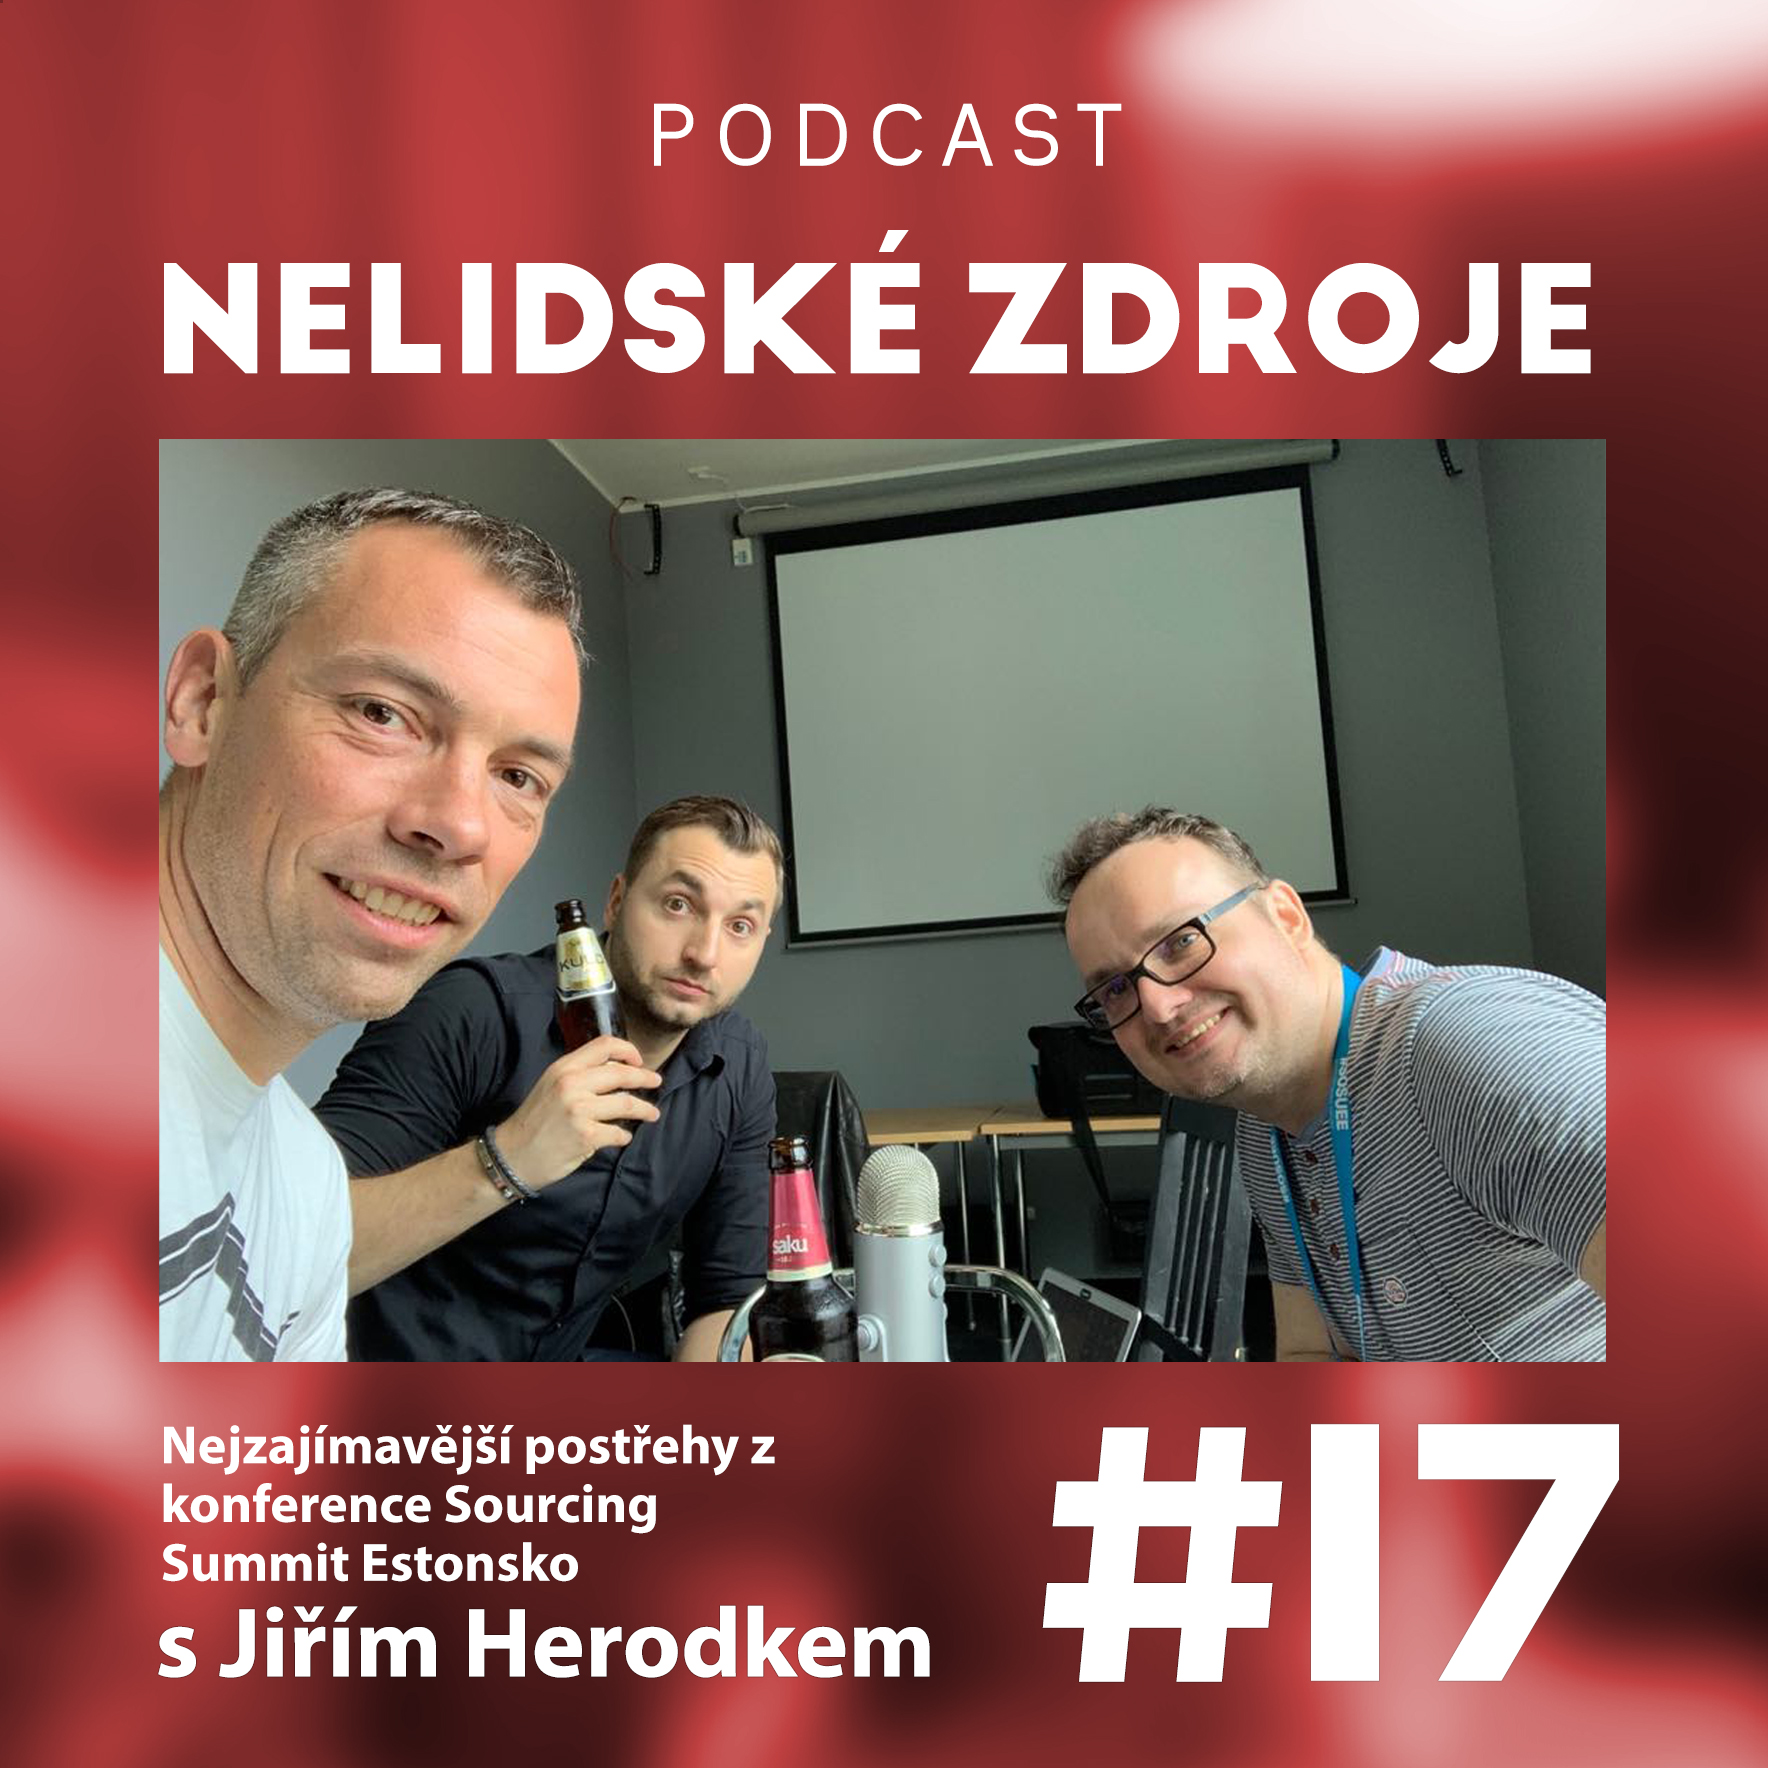 17: Nejzajímavější postřehy z konference Sourcing Summit Estonsko s Jiřím Herodkem